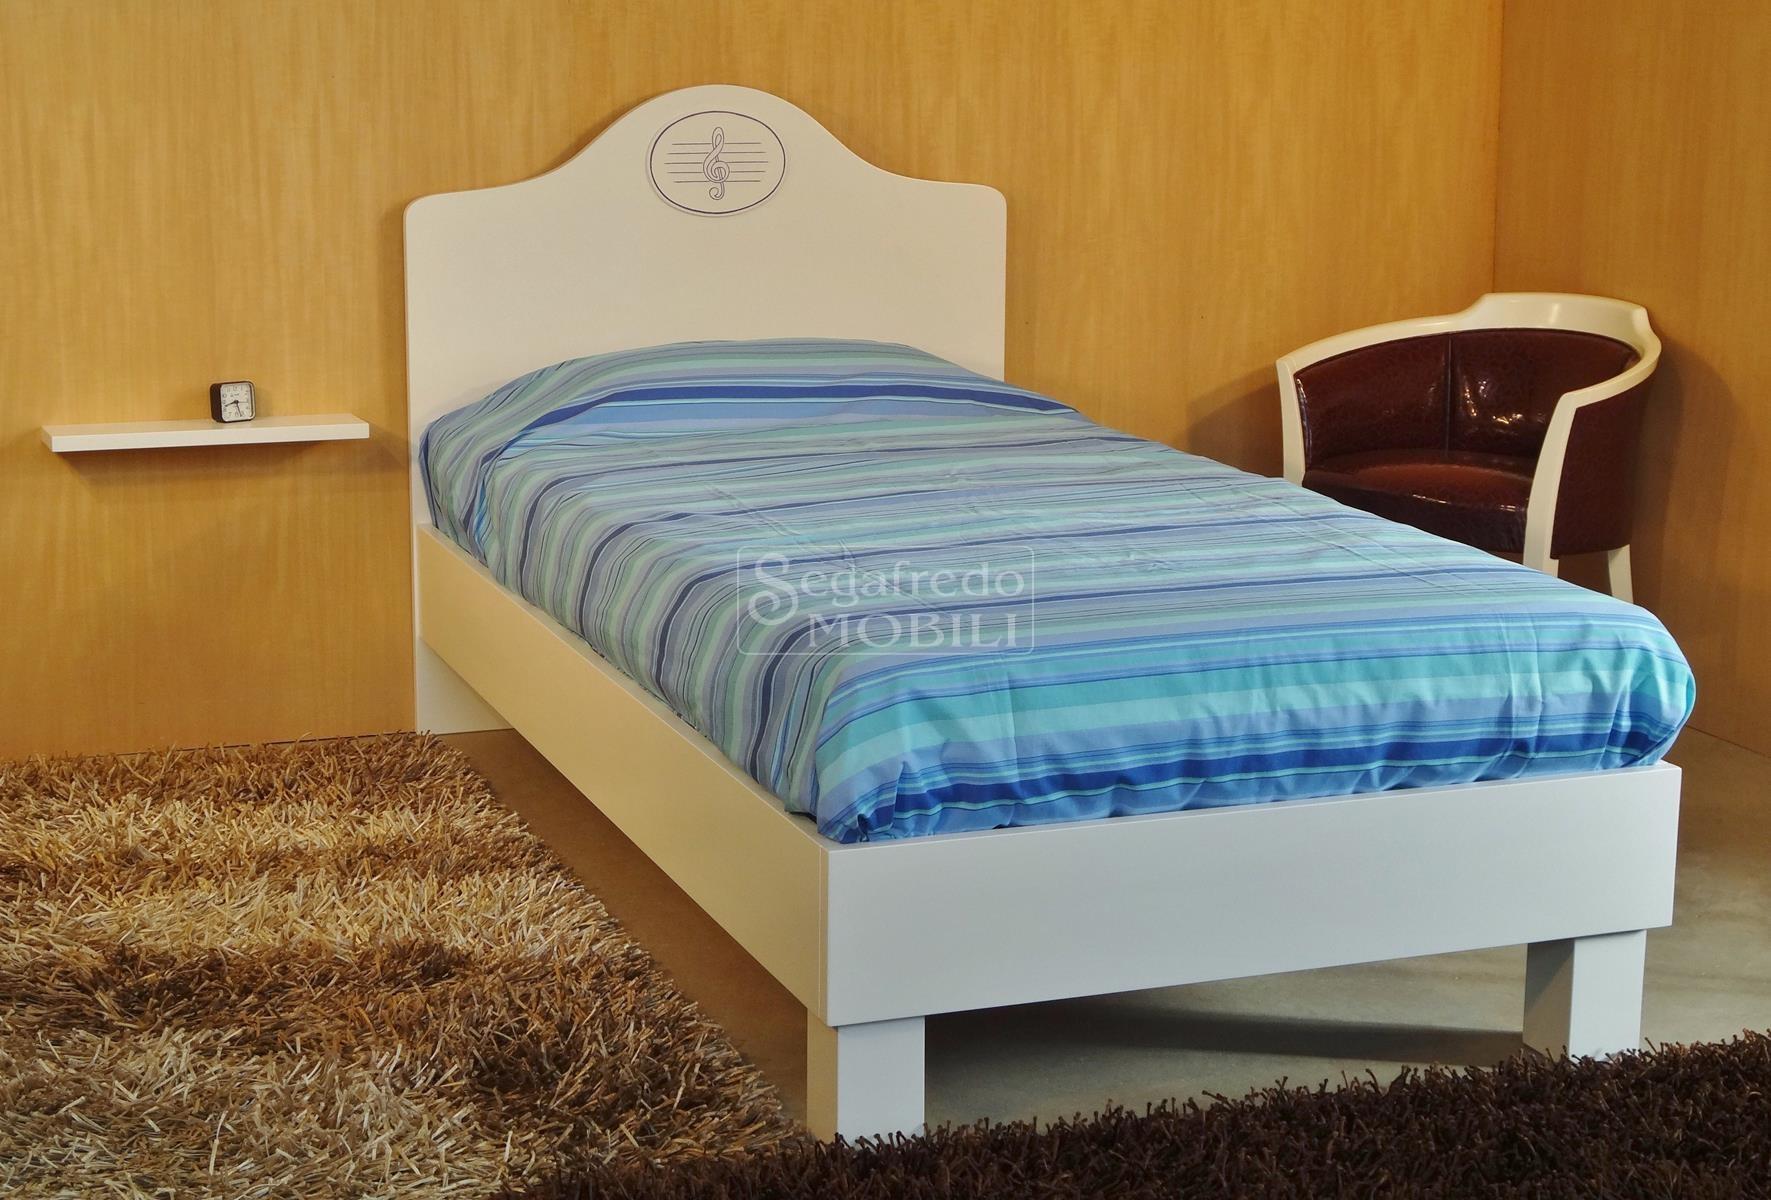 Letto singolo laccato mobilificio segafredo mobili arredamenti su misura vendita diretta - Sponde letto singolo ...